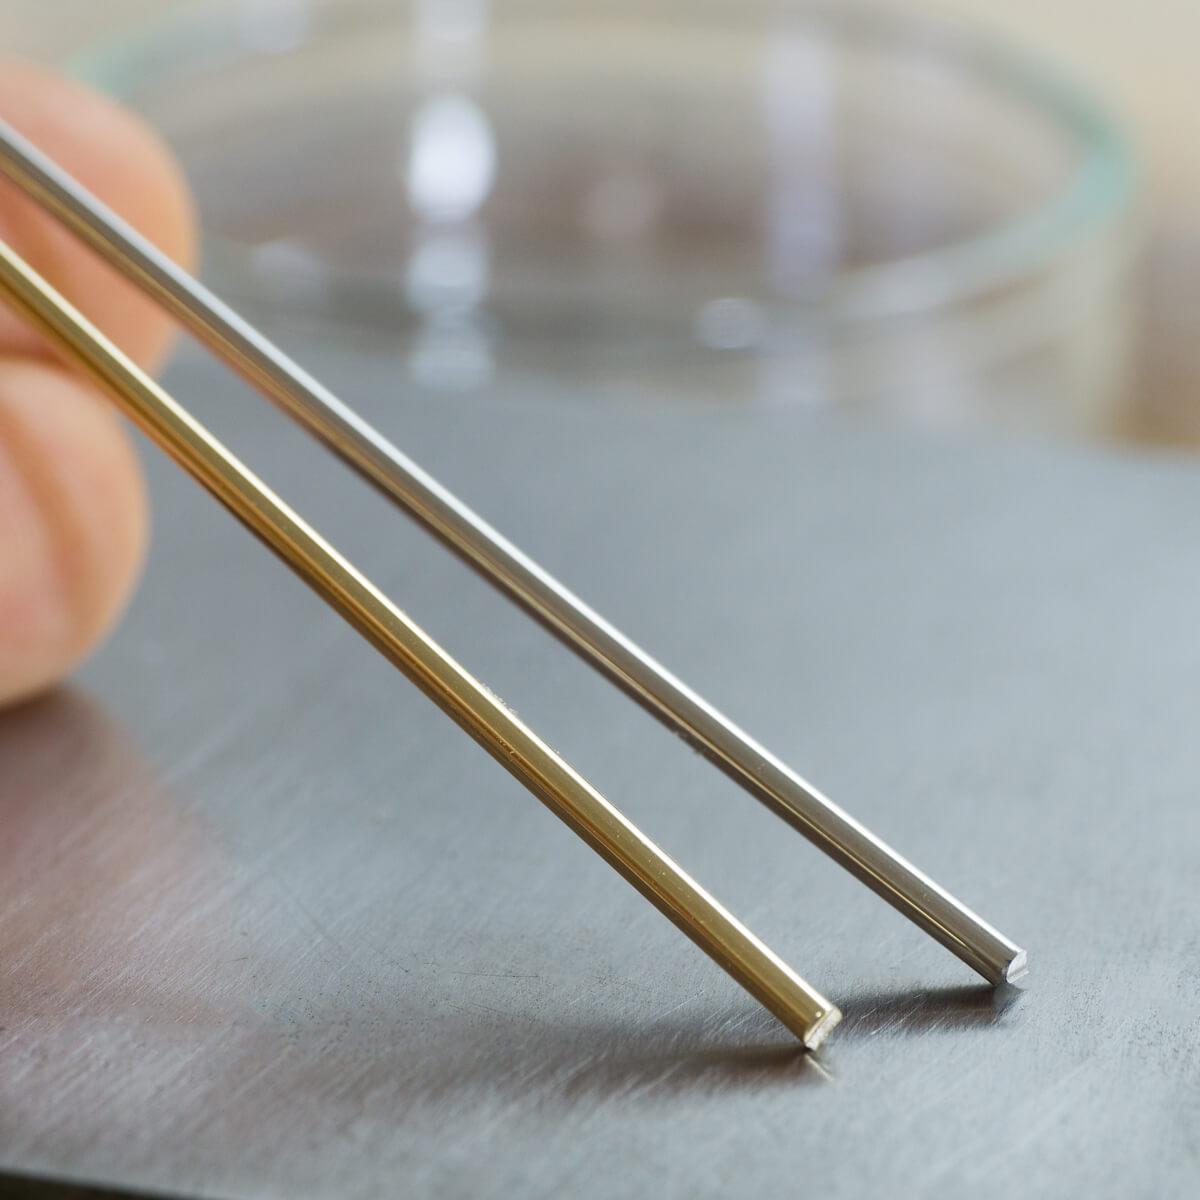 オーダーメイドマリッジリングの素材 ジュエリーのアトリエ ゴールド、プラチナ 屋久島でつくる結婚指輪